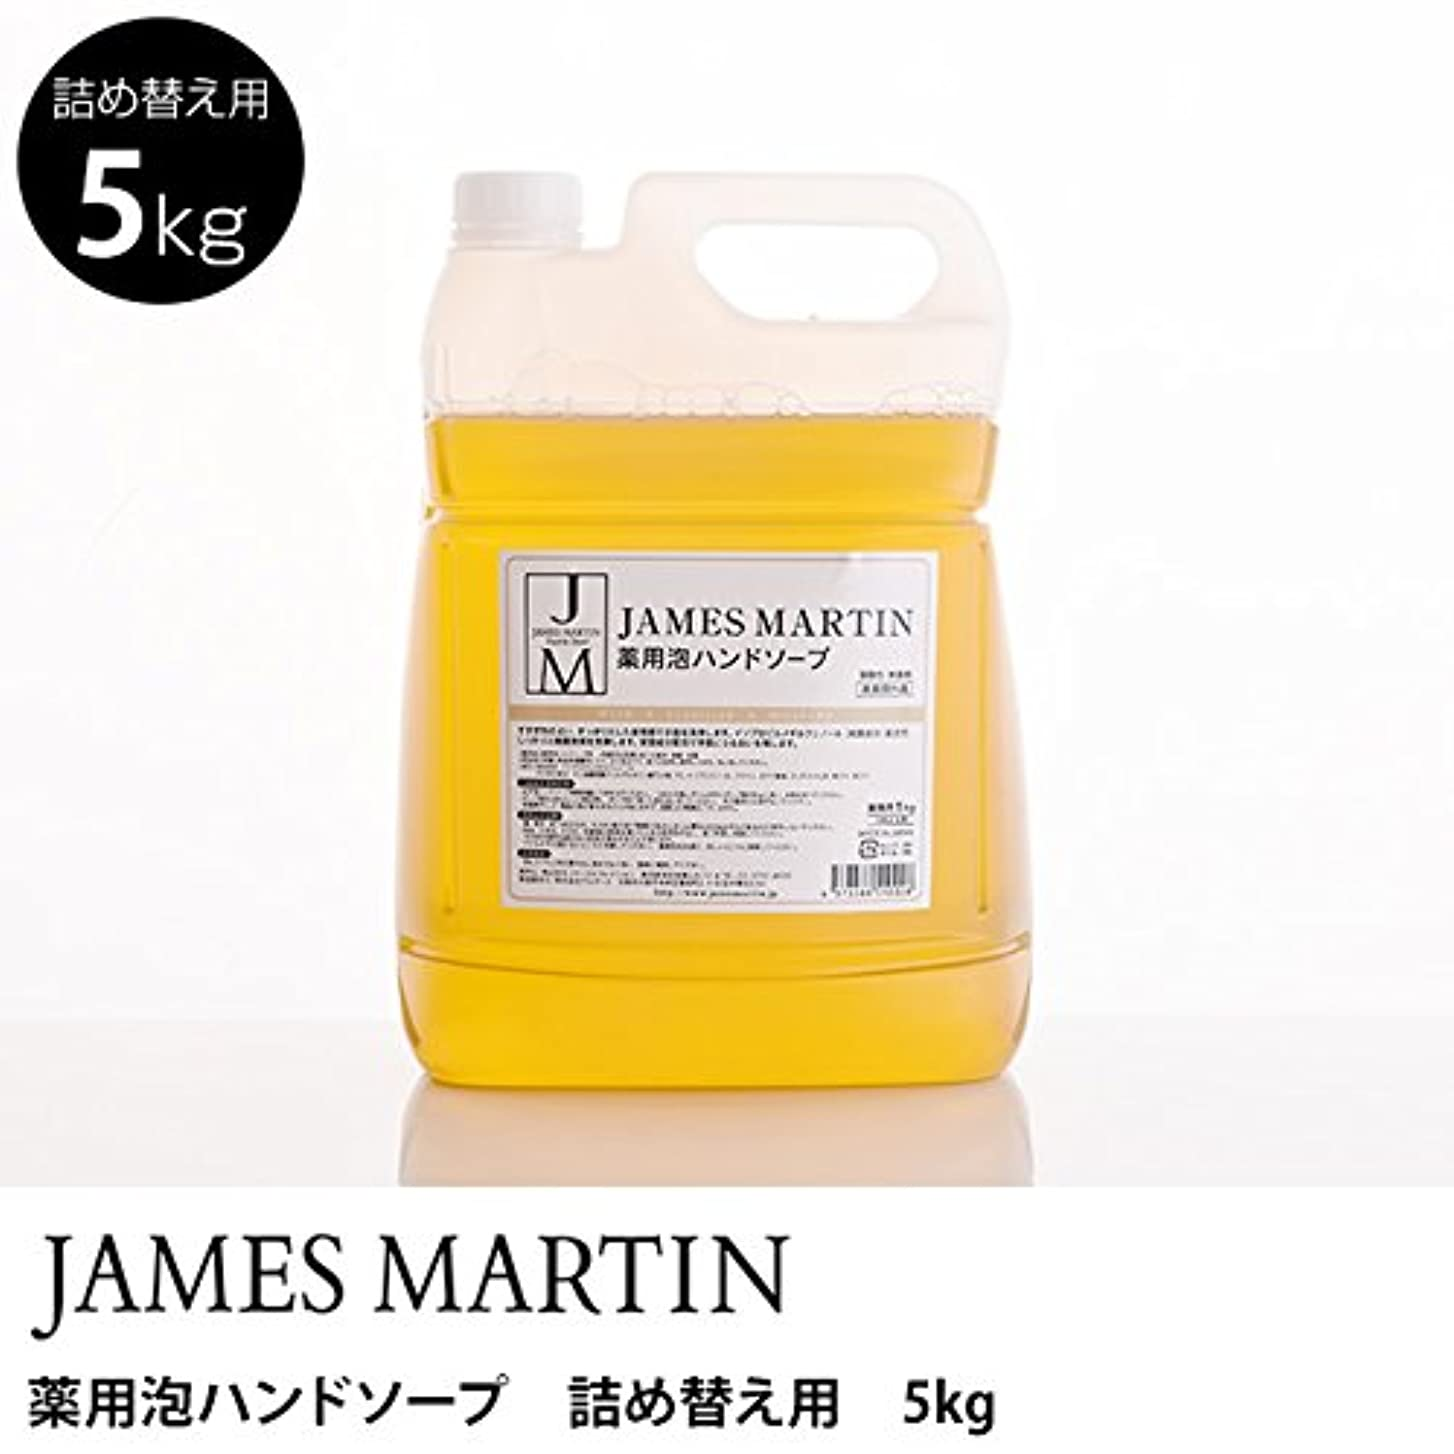 適合ブラシ放散するジェームズマーティン 薬用泡ハンドソープ(無香料) 詰替用 5kg